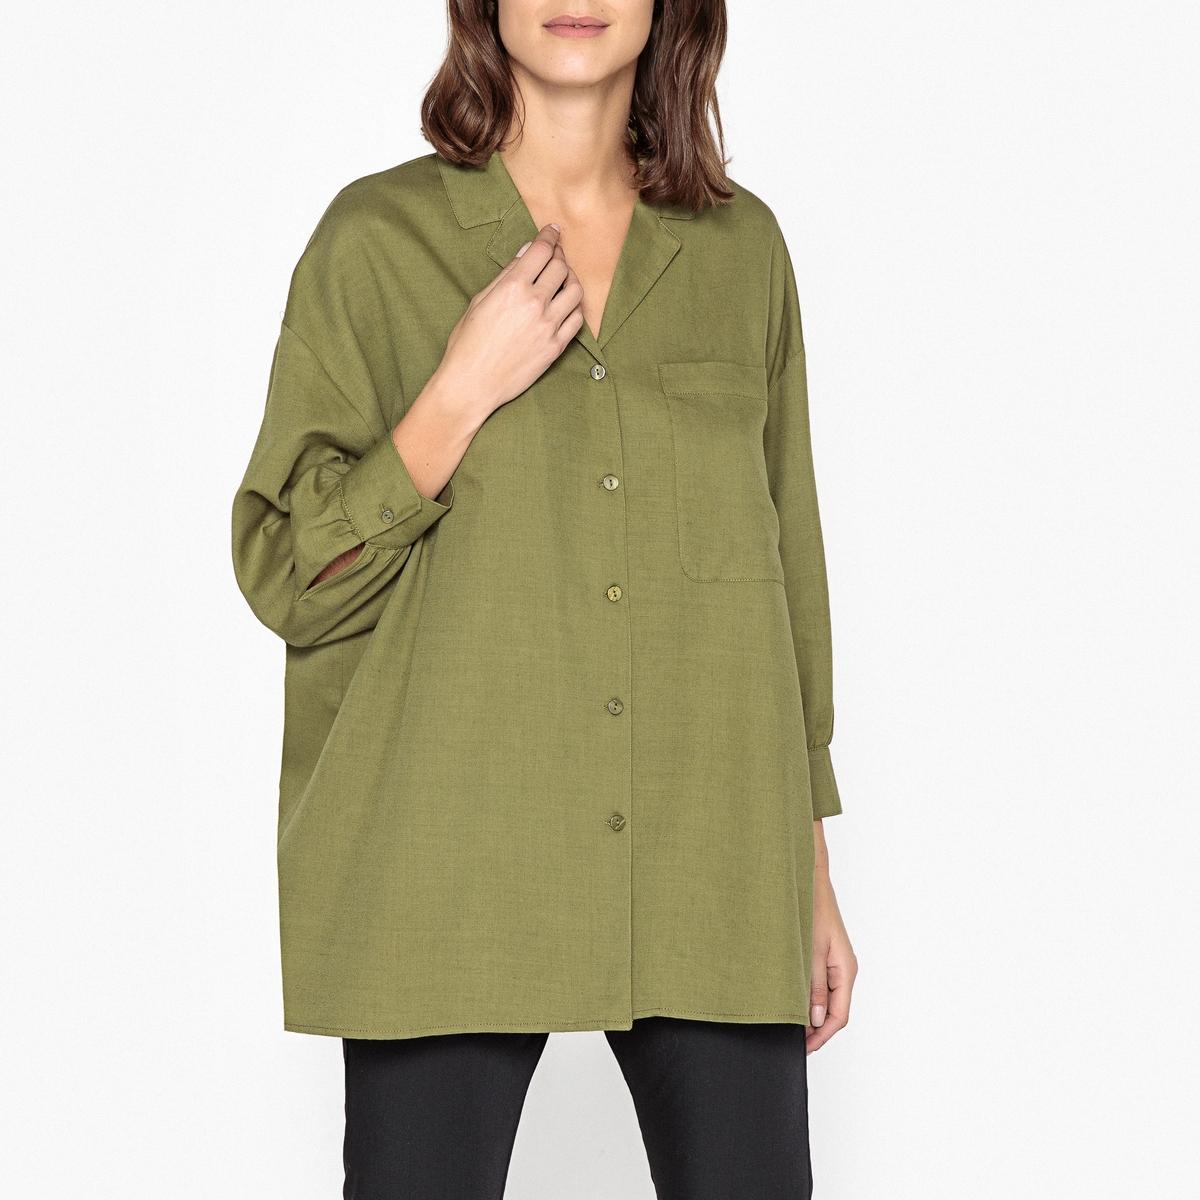 Рубашка однотонная объемного покроя YAYOWOOD йемен весна и осень рубашка женская рубашка шифон круглый воротник рубашки 8510110638 белый xl